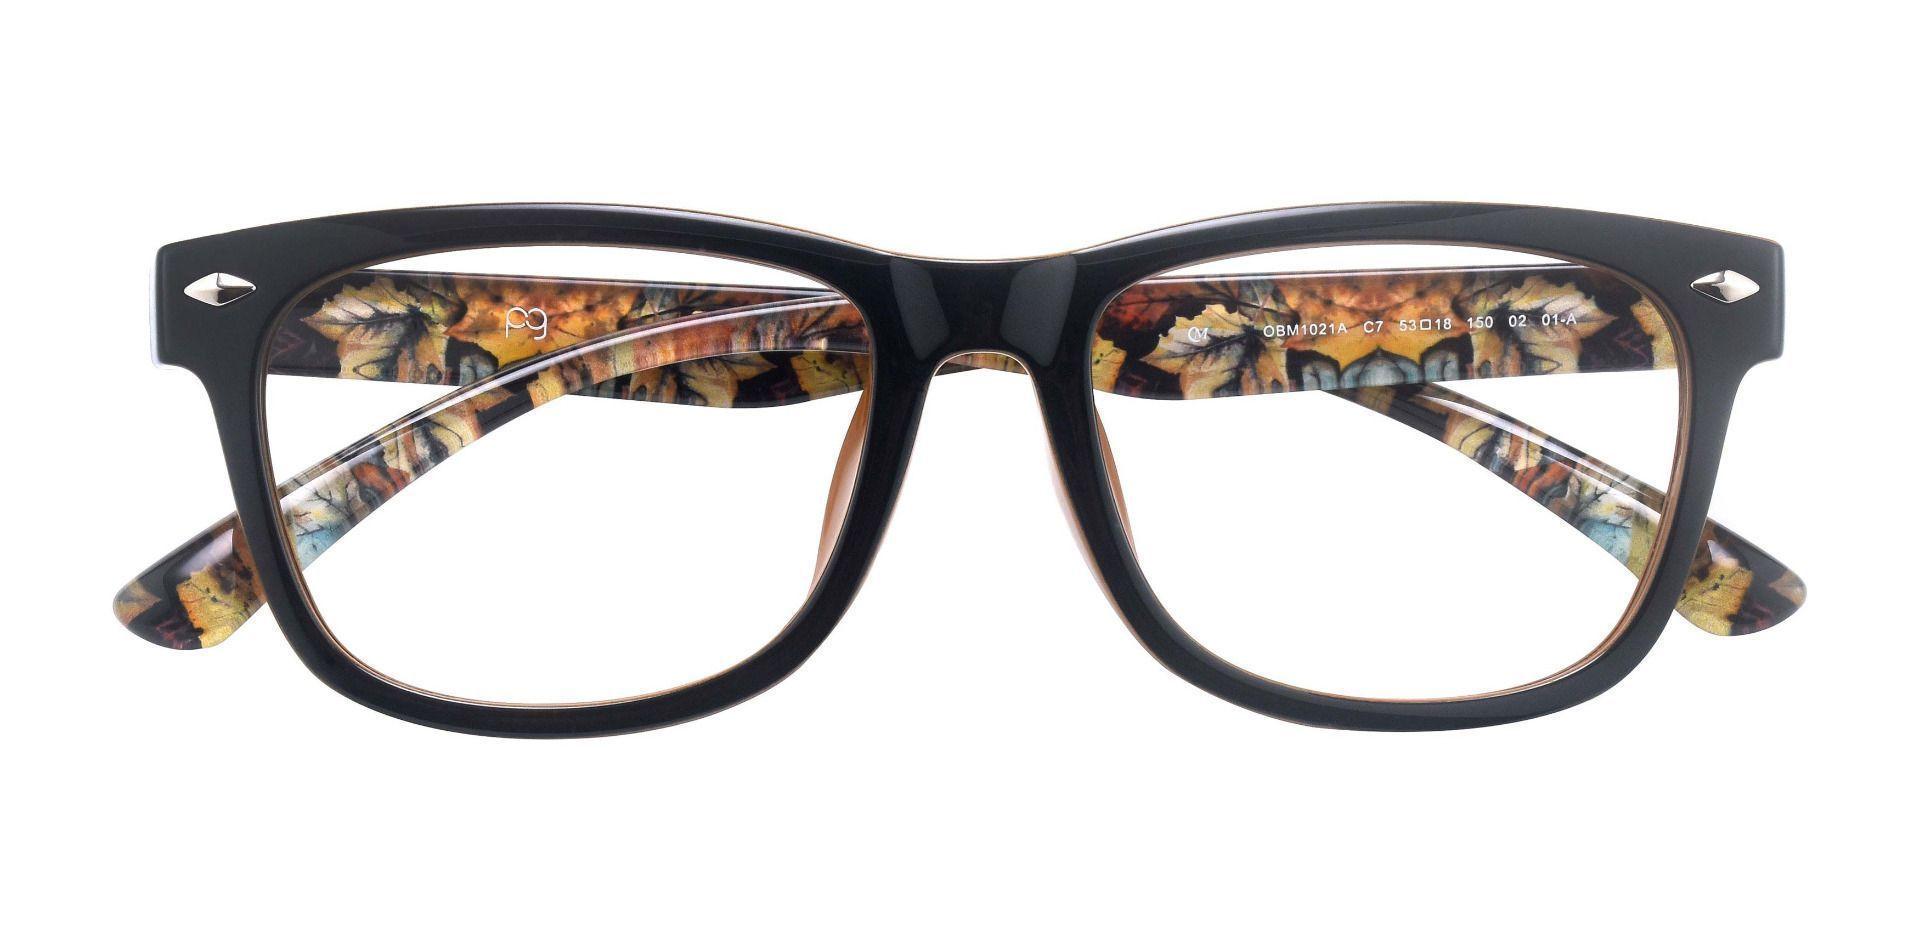 Tessa Classic Square Prescription Glasses - Black